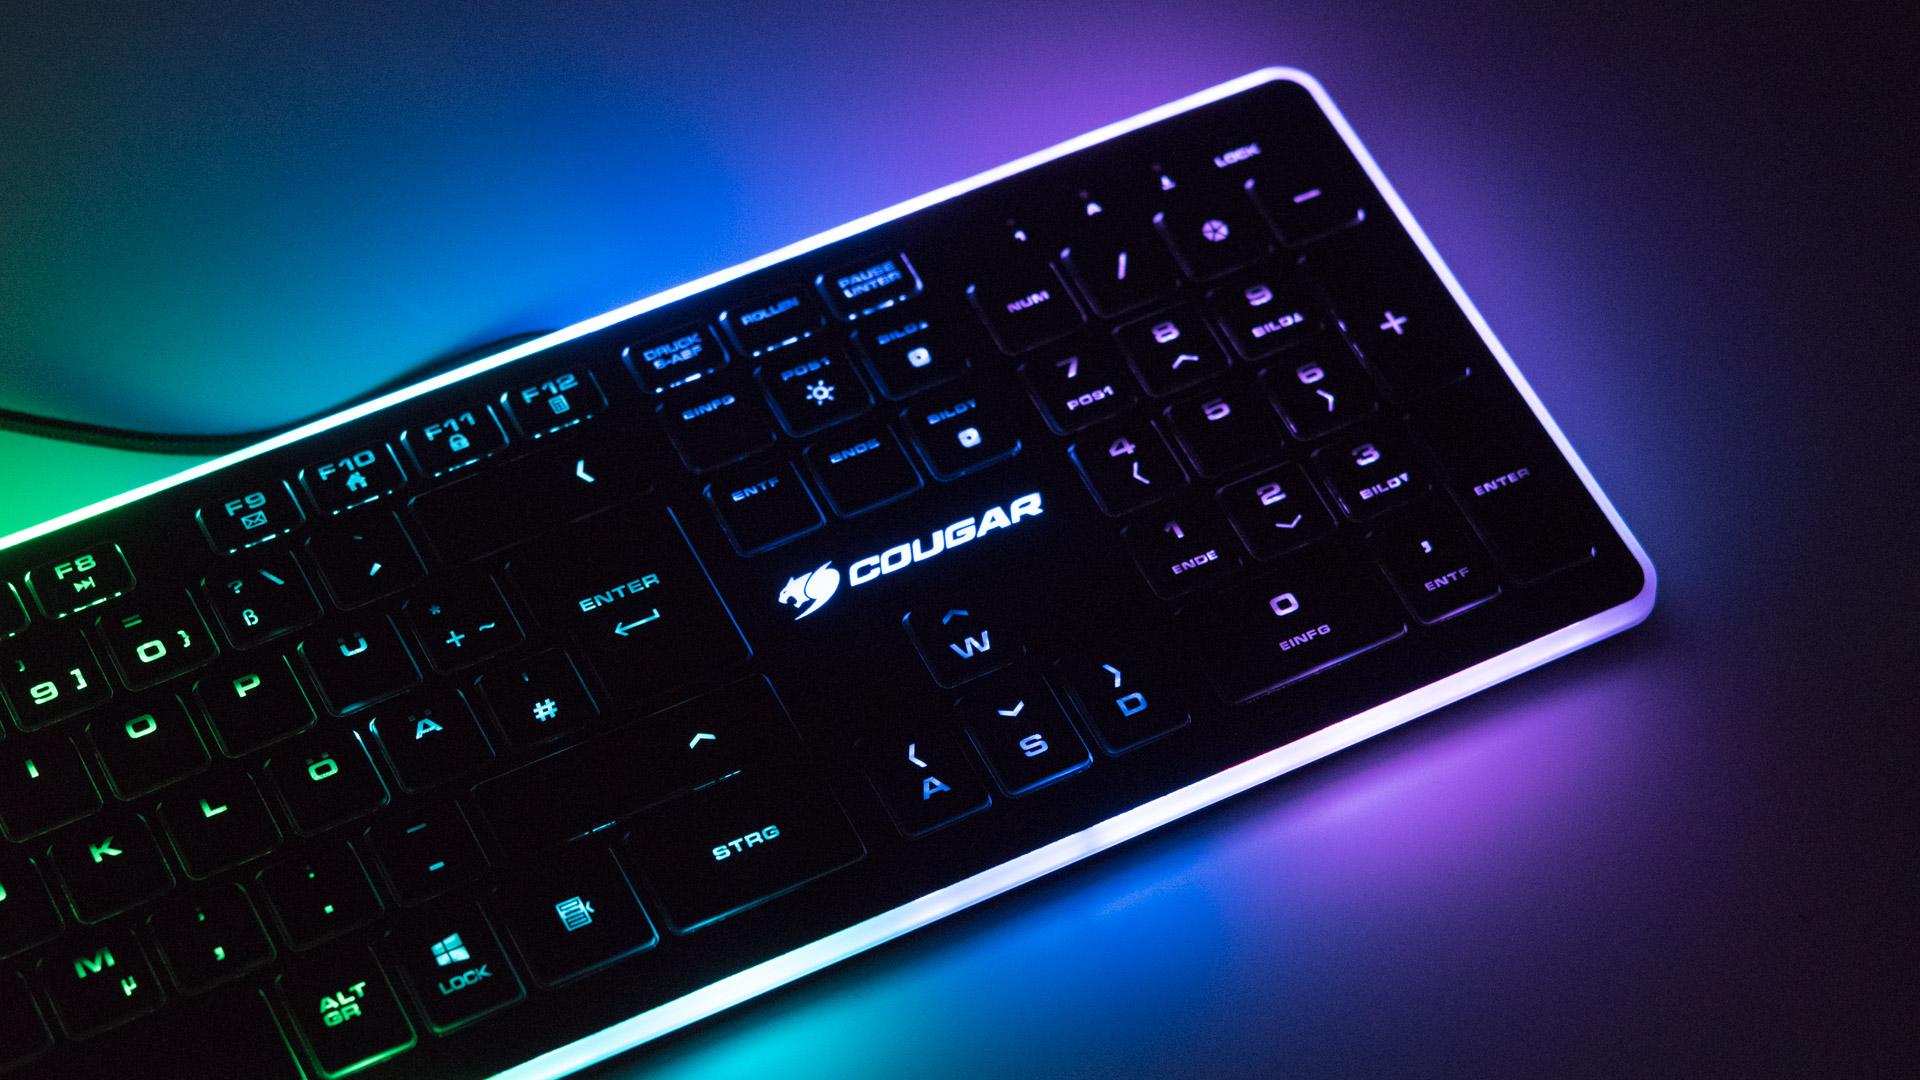 die cougar vantar tastatur im test die rgb led show auf dem schreibtisch f r 35 techtest. Black Bedroom Furniture Sets. Home Design Ideas